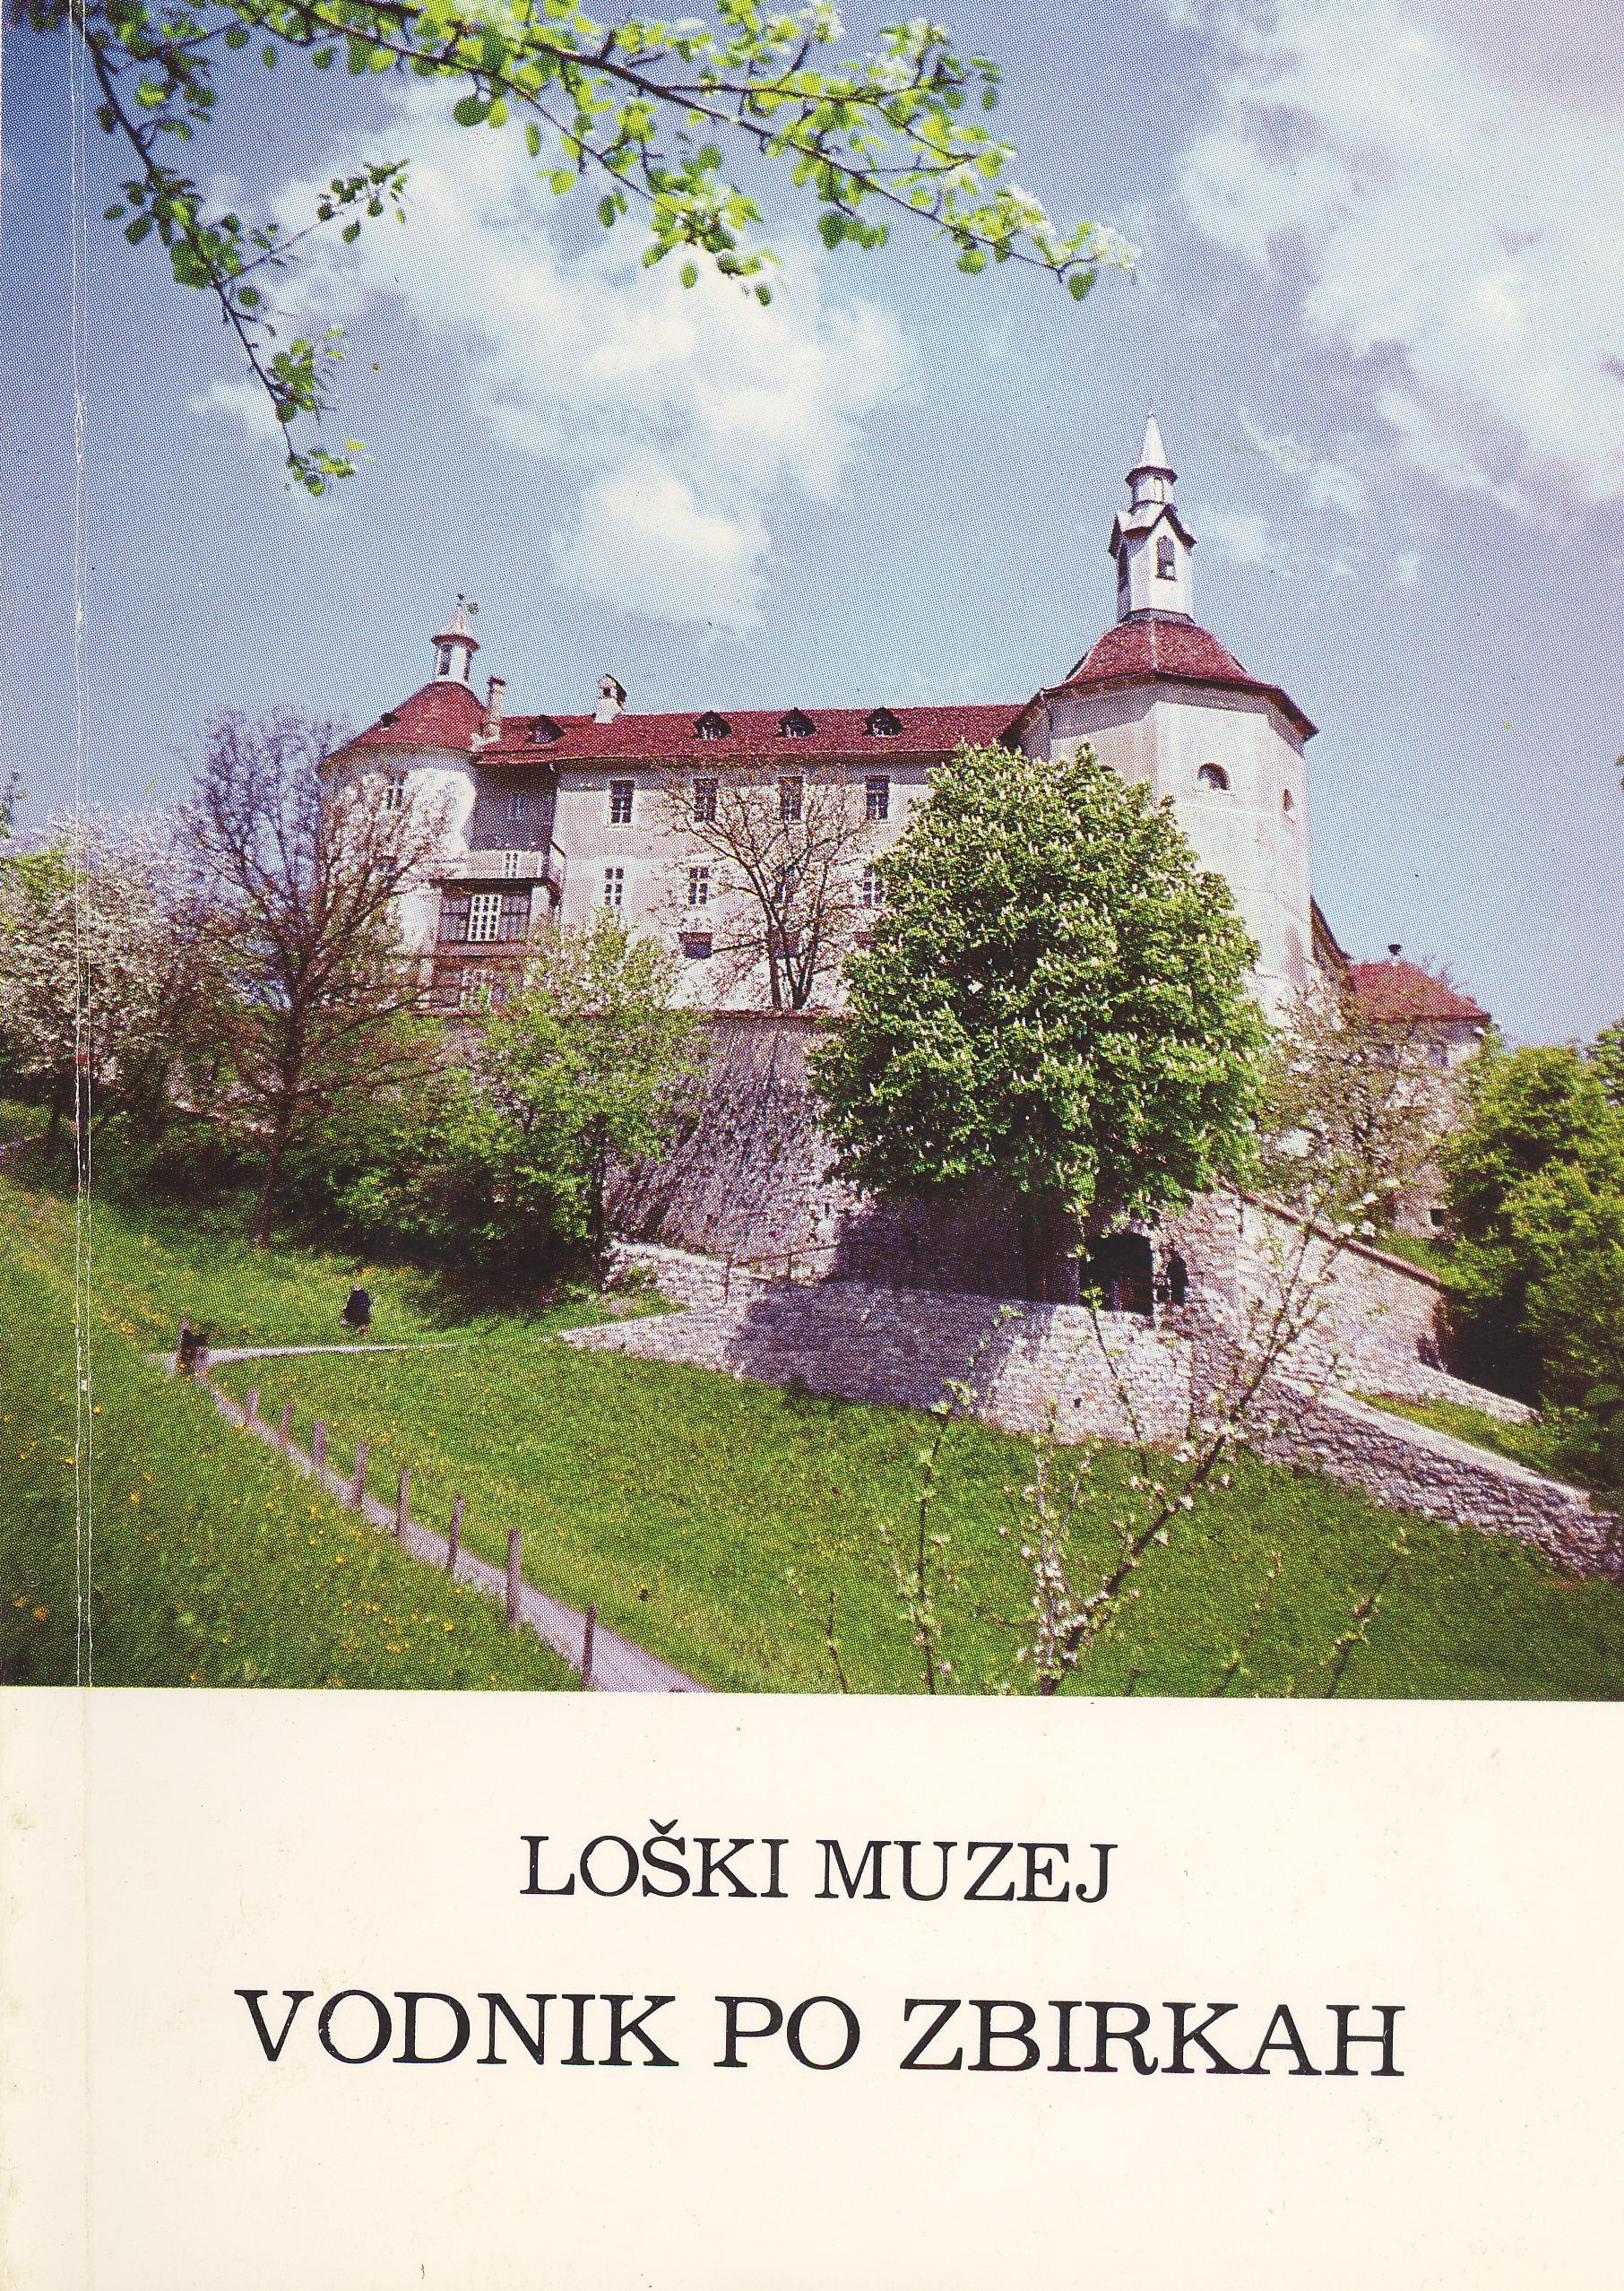 LOŠKI MUZEJ VODNIK PO ZBIRKAH Book Cover